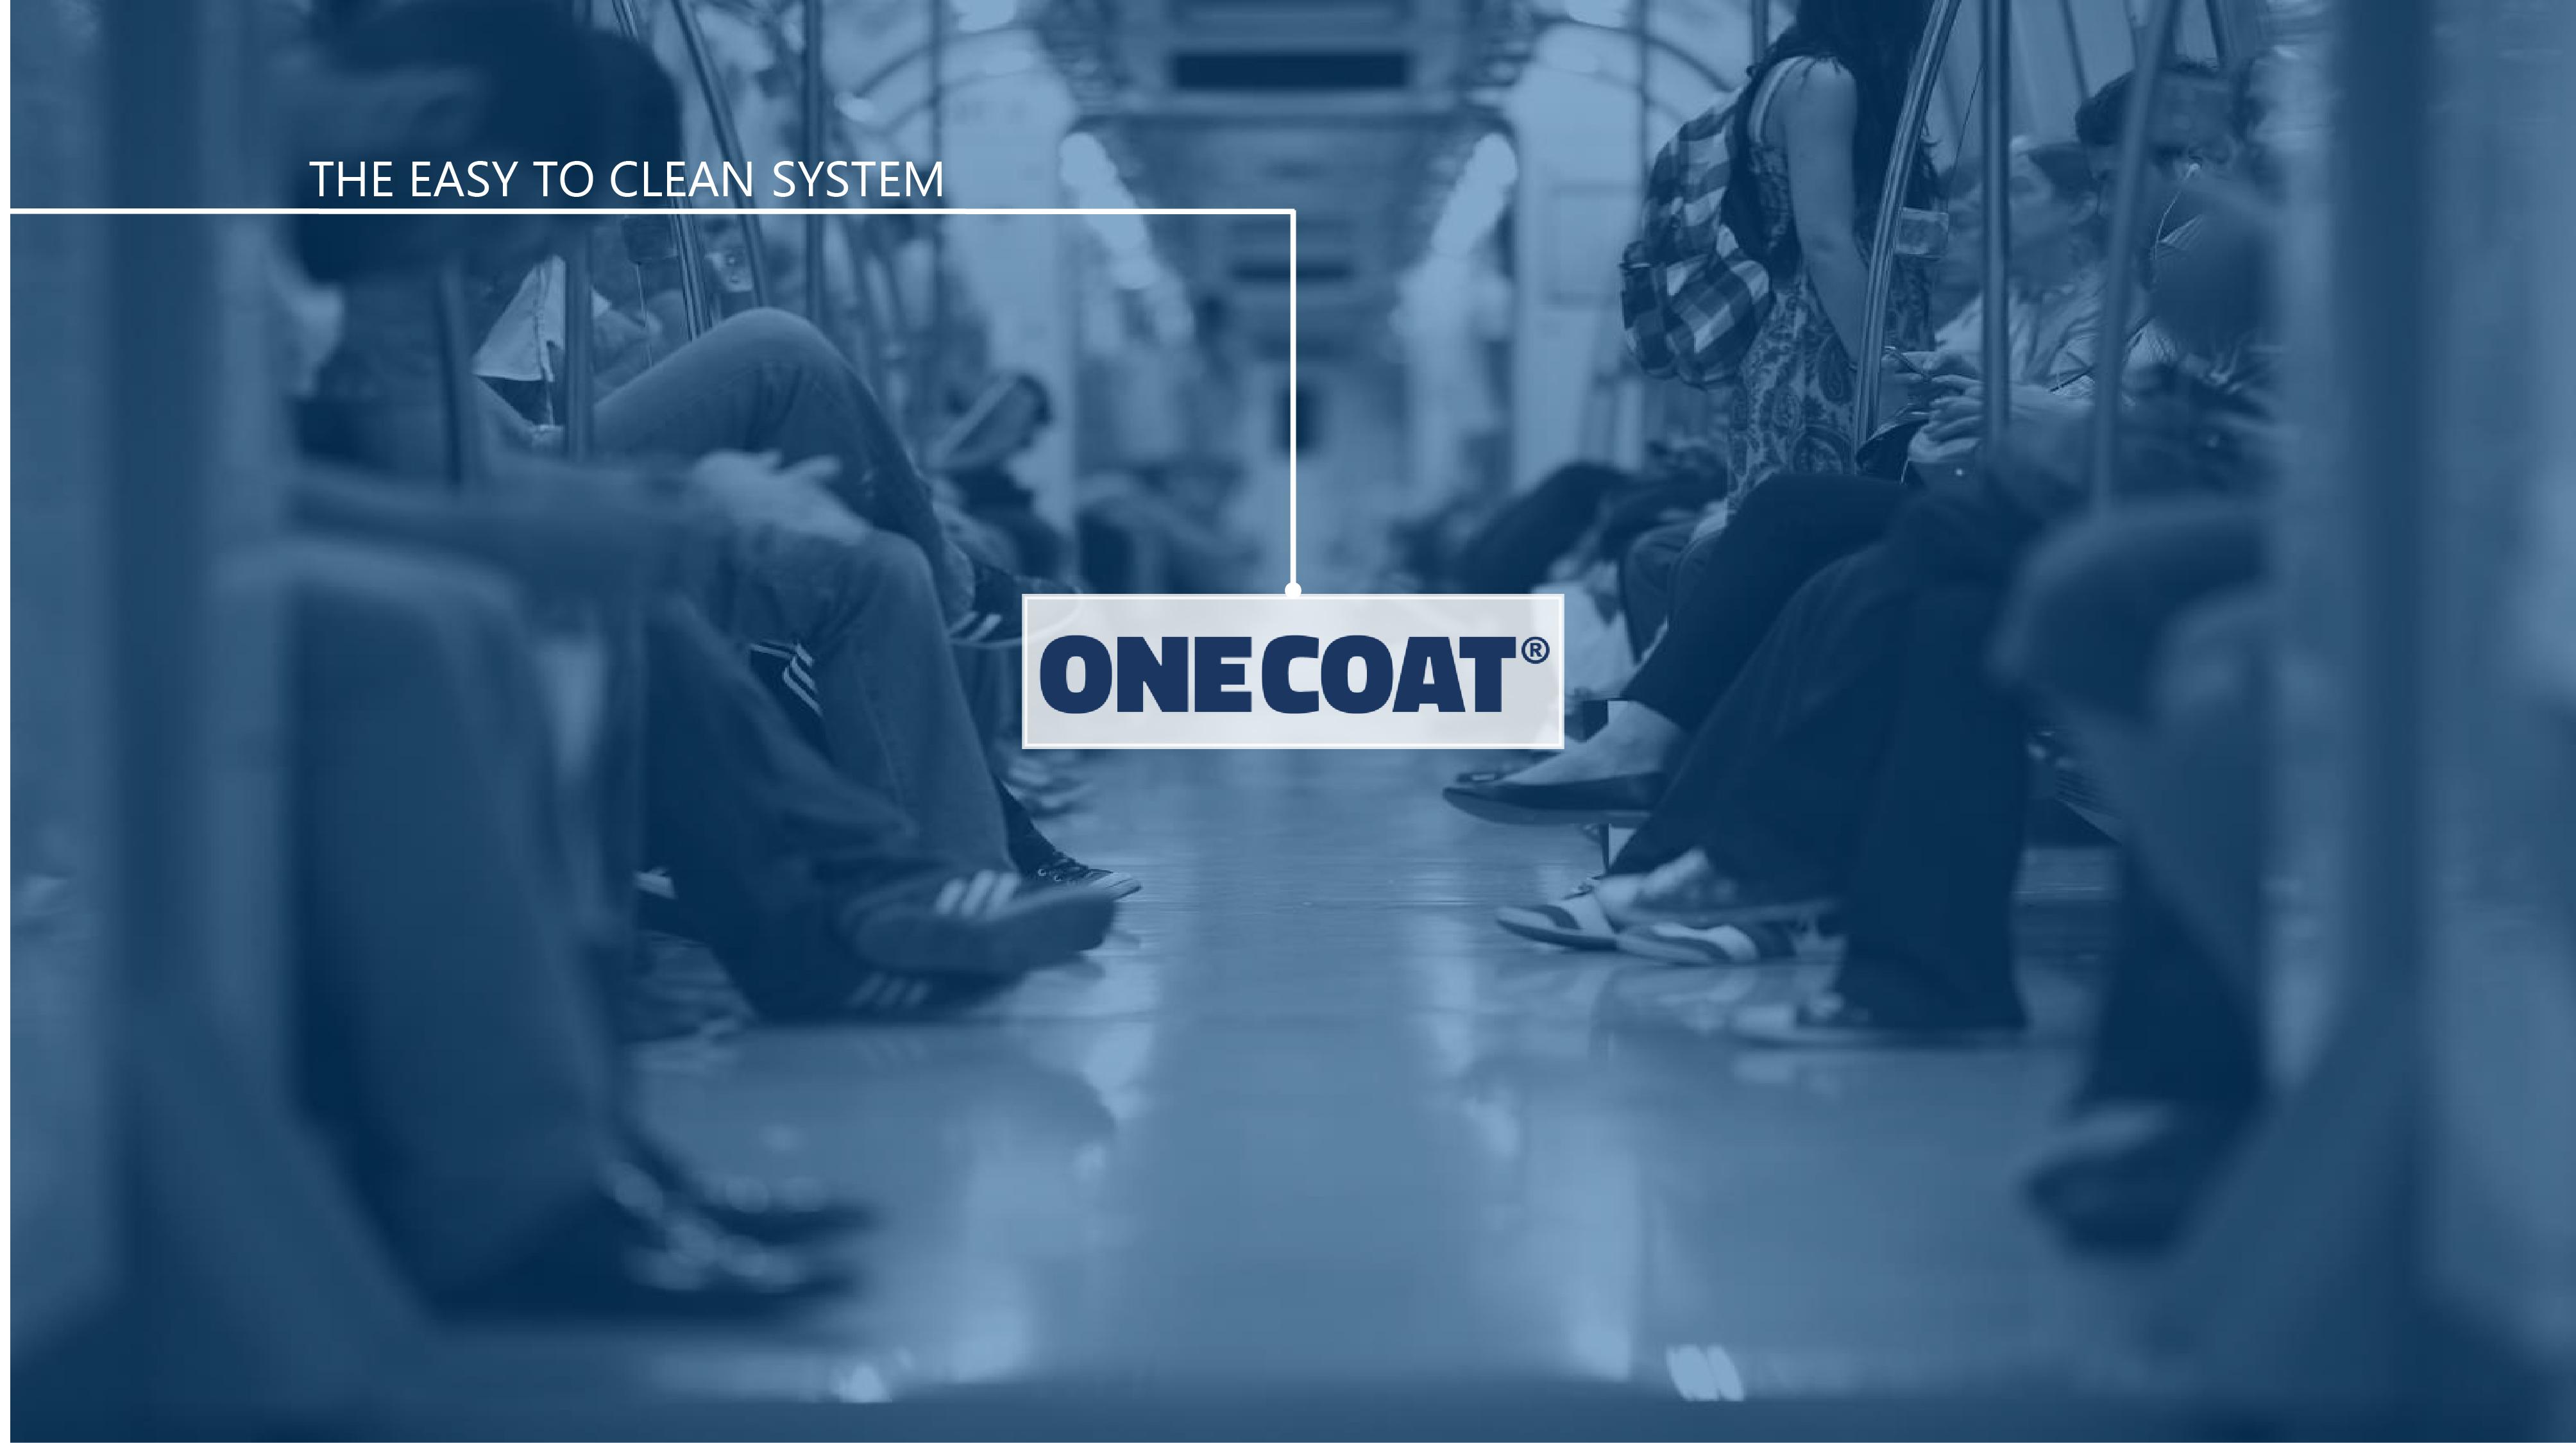 ONECOAT_1